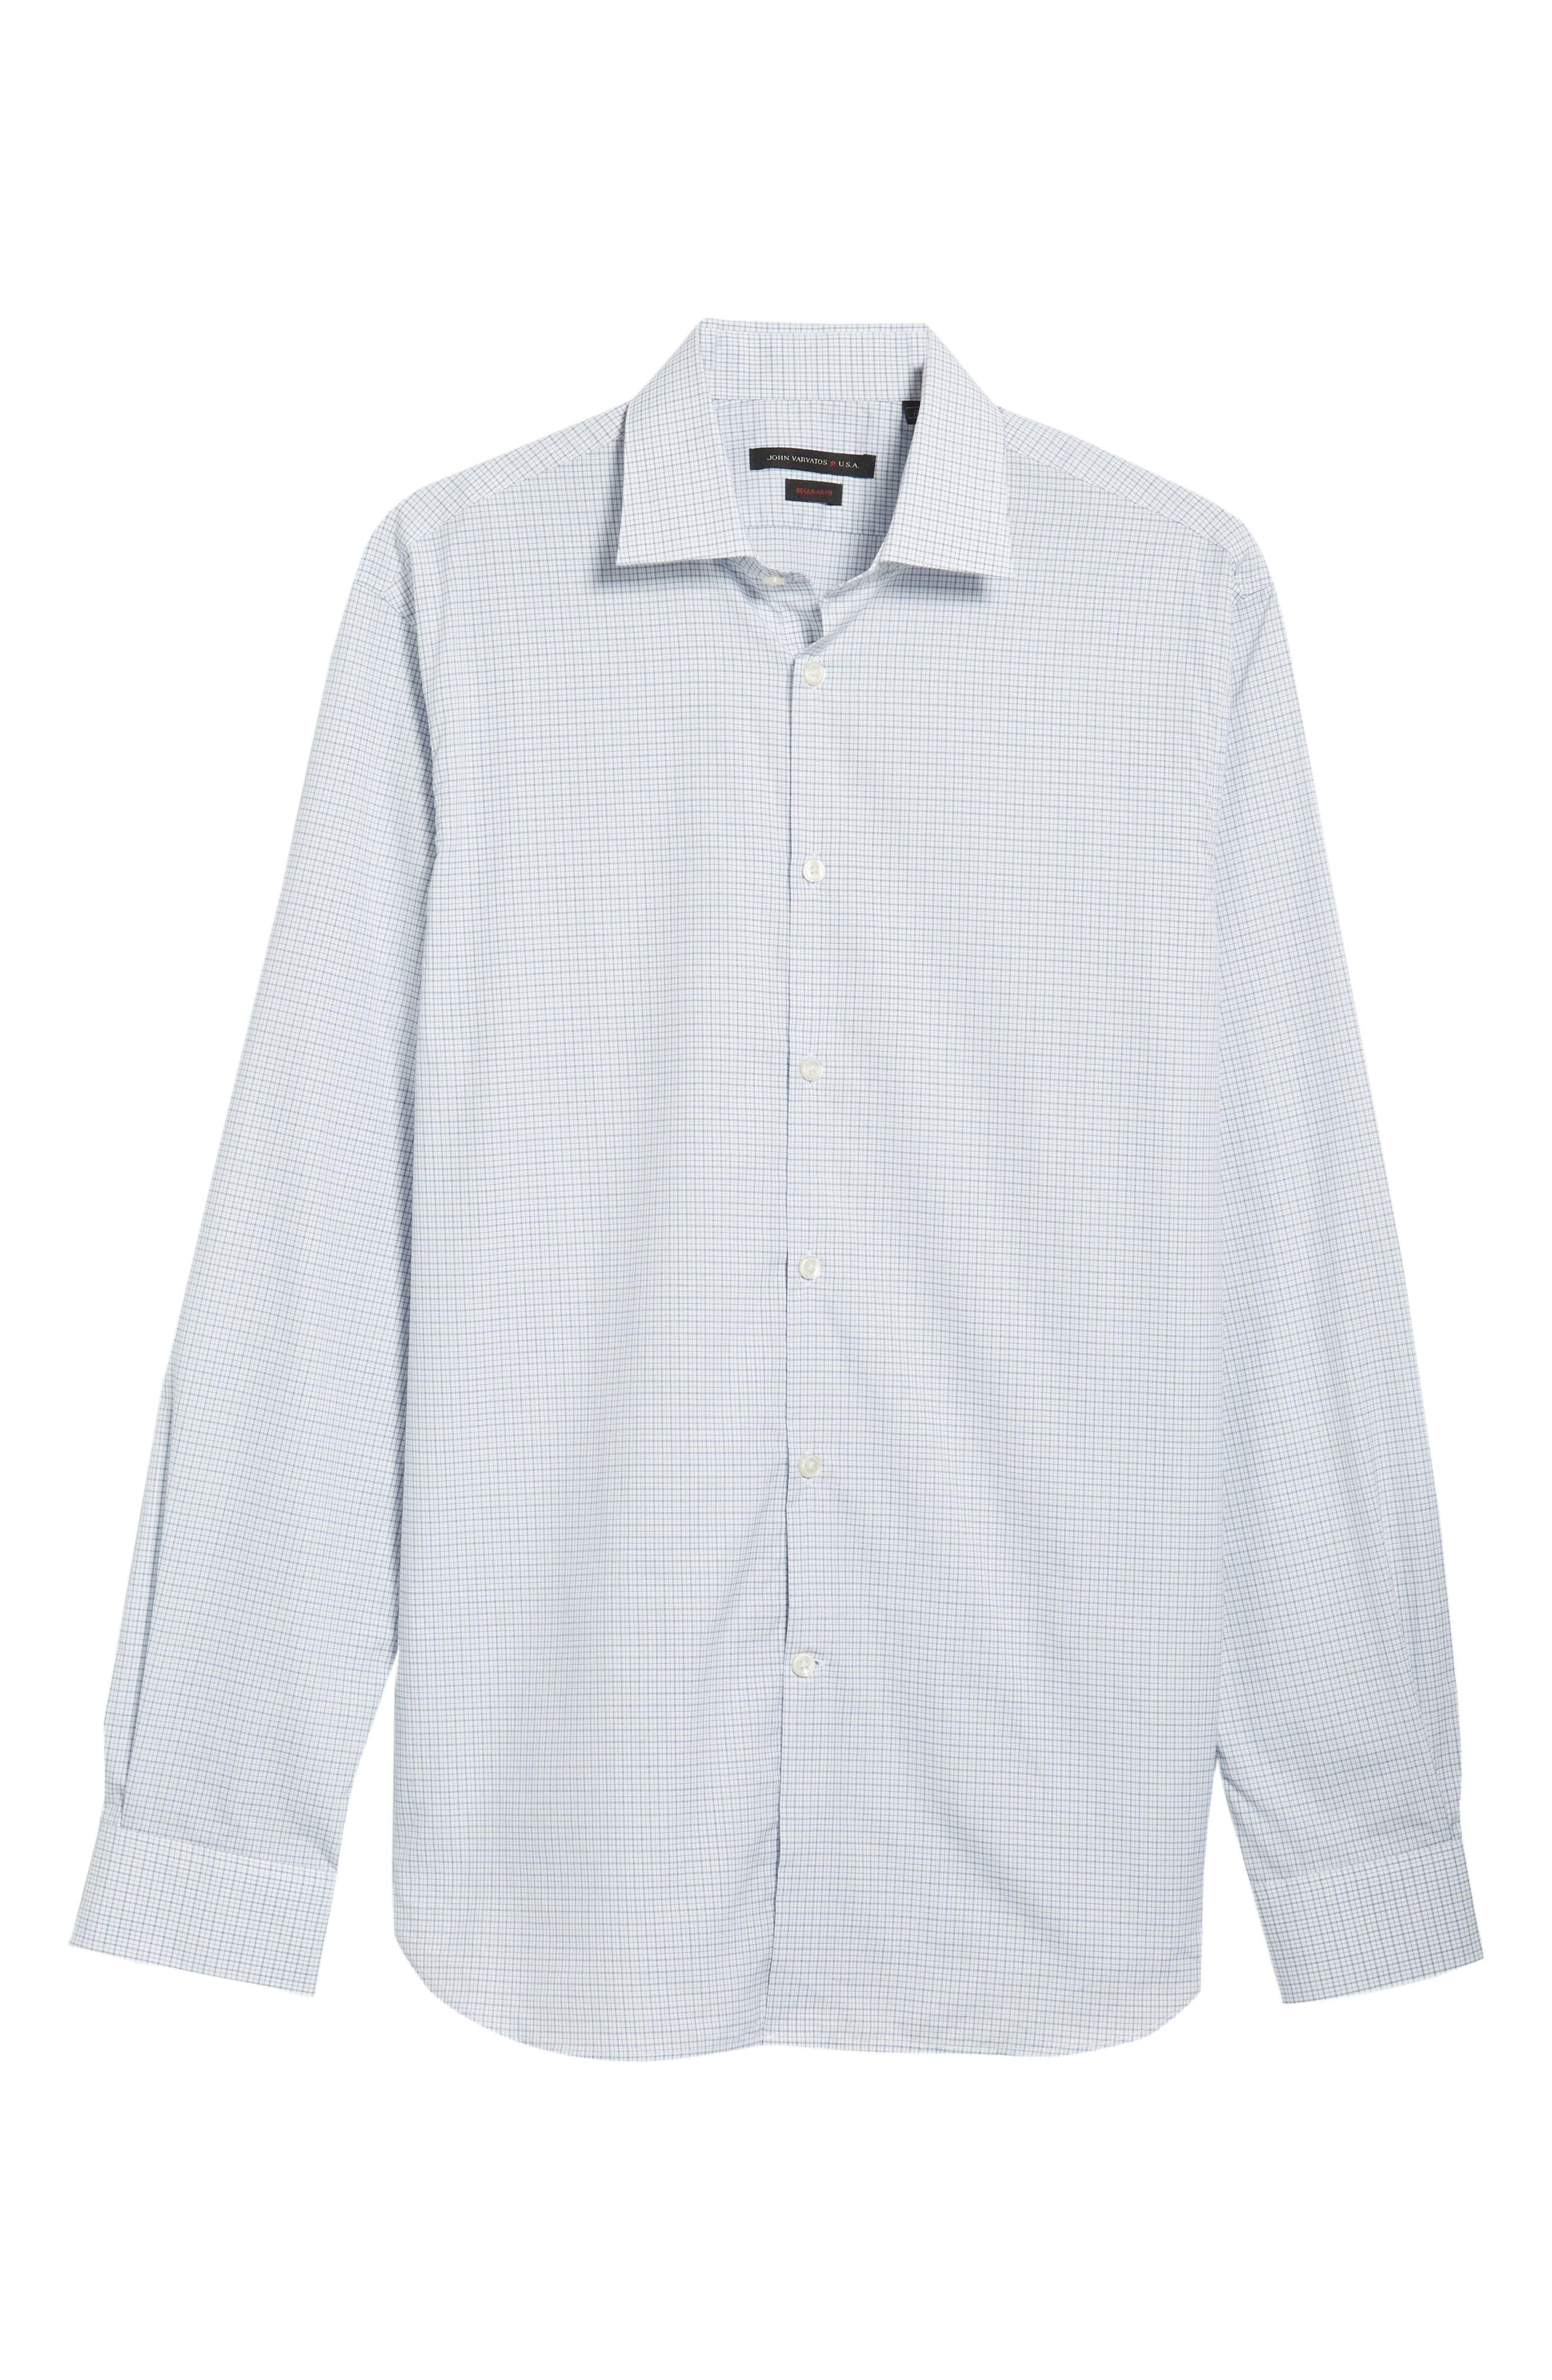 JOHN VARVATOS STAR USA,                             Micro Plaid Regular Fit Dress Shirt,                             Alternate thumbnail 5, color,                             428